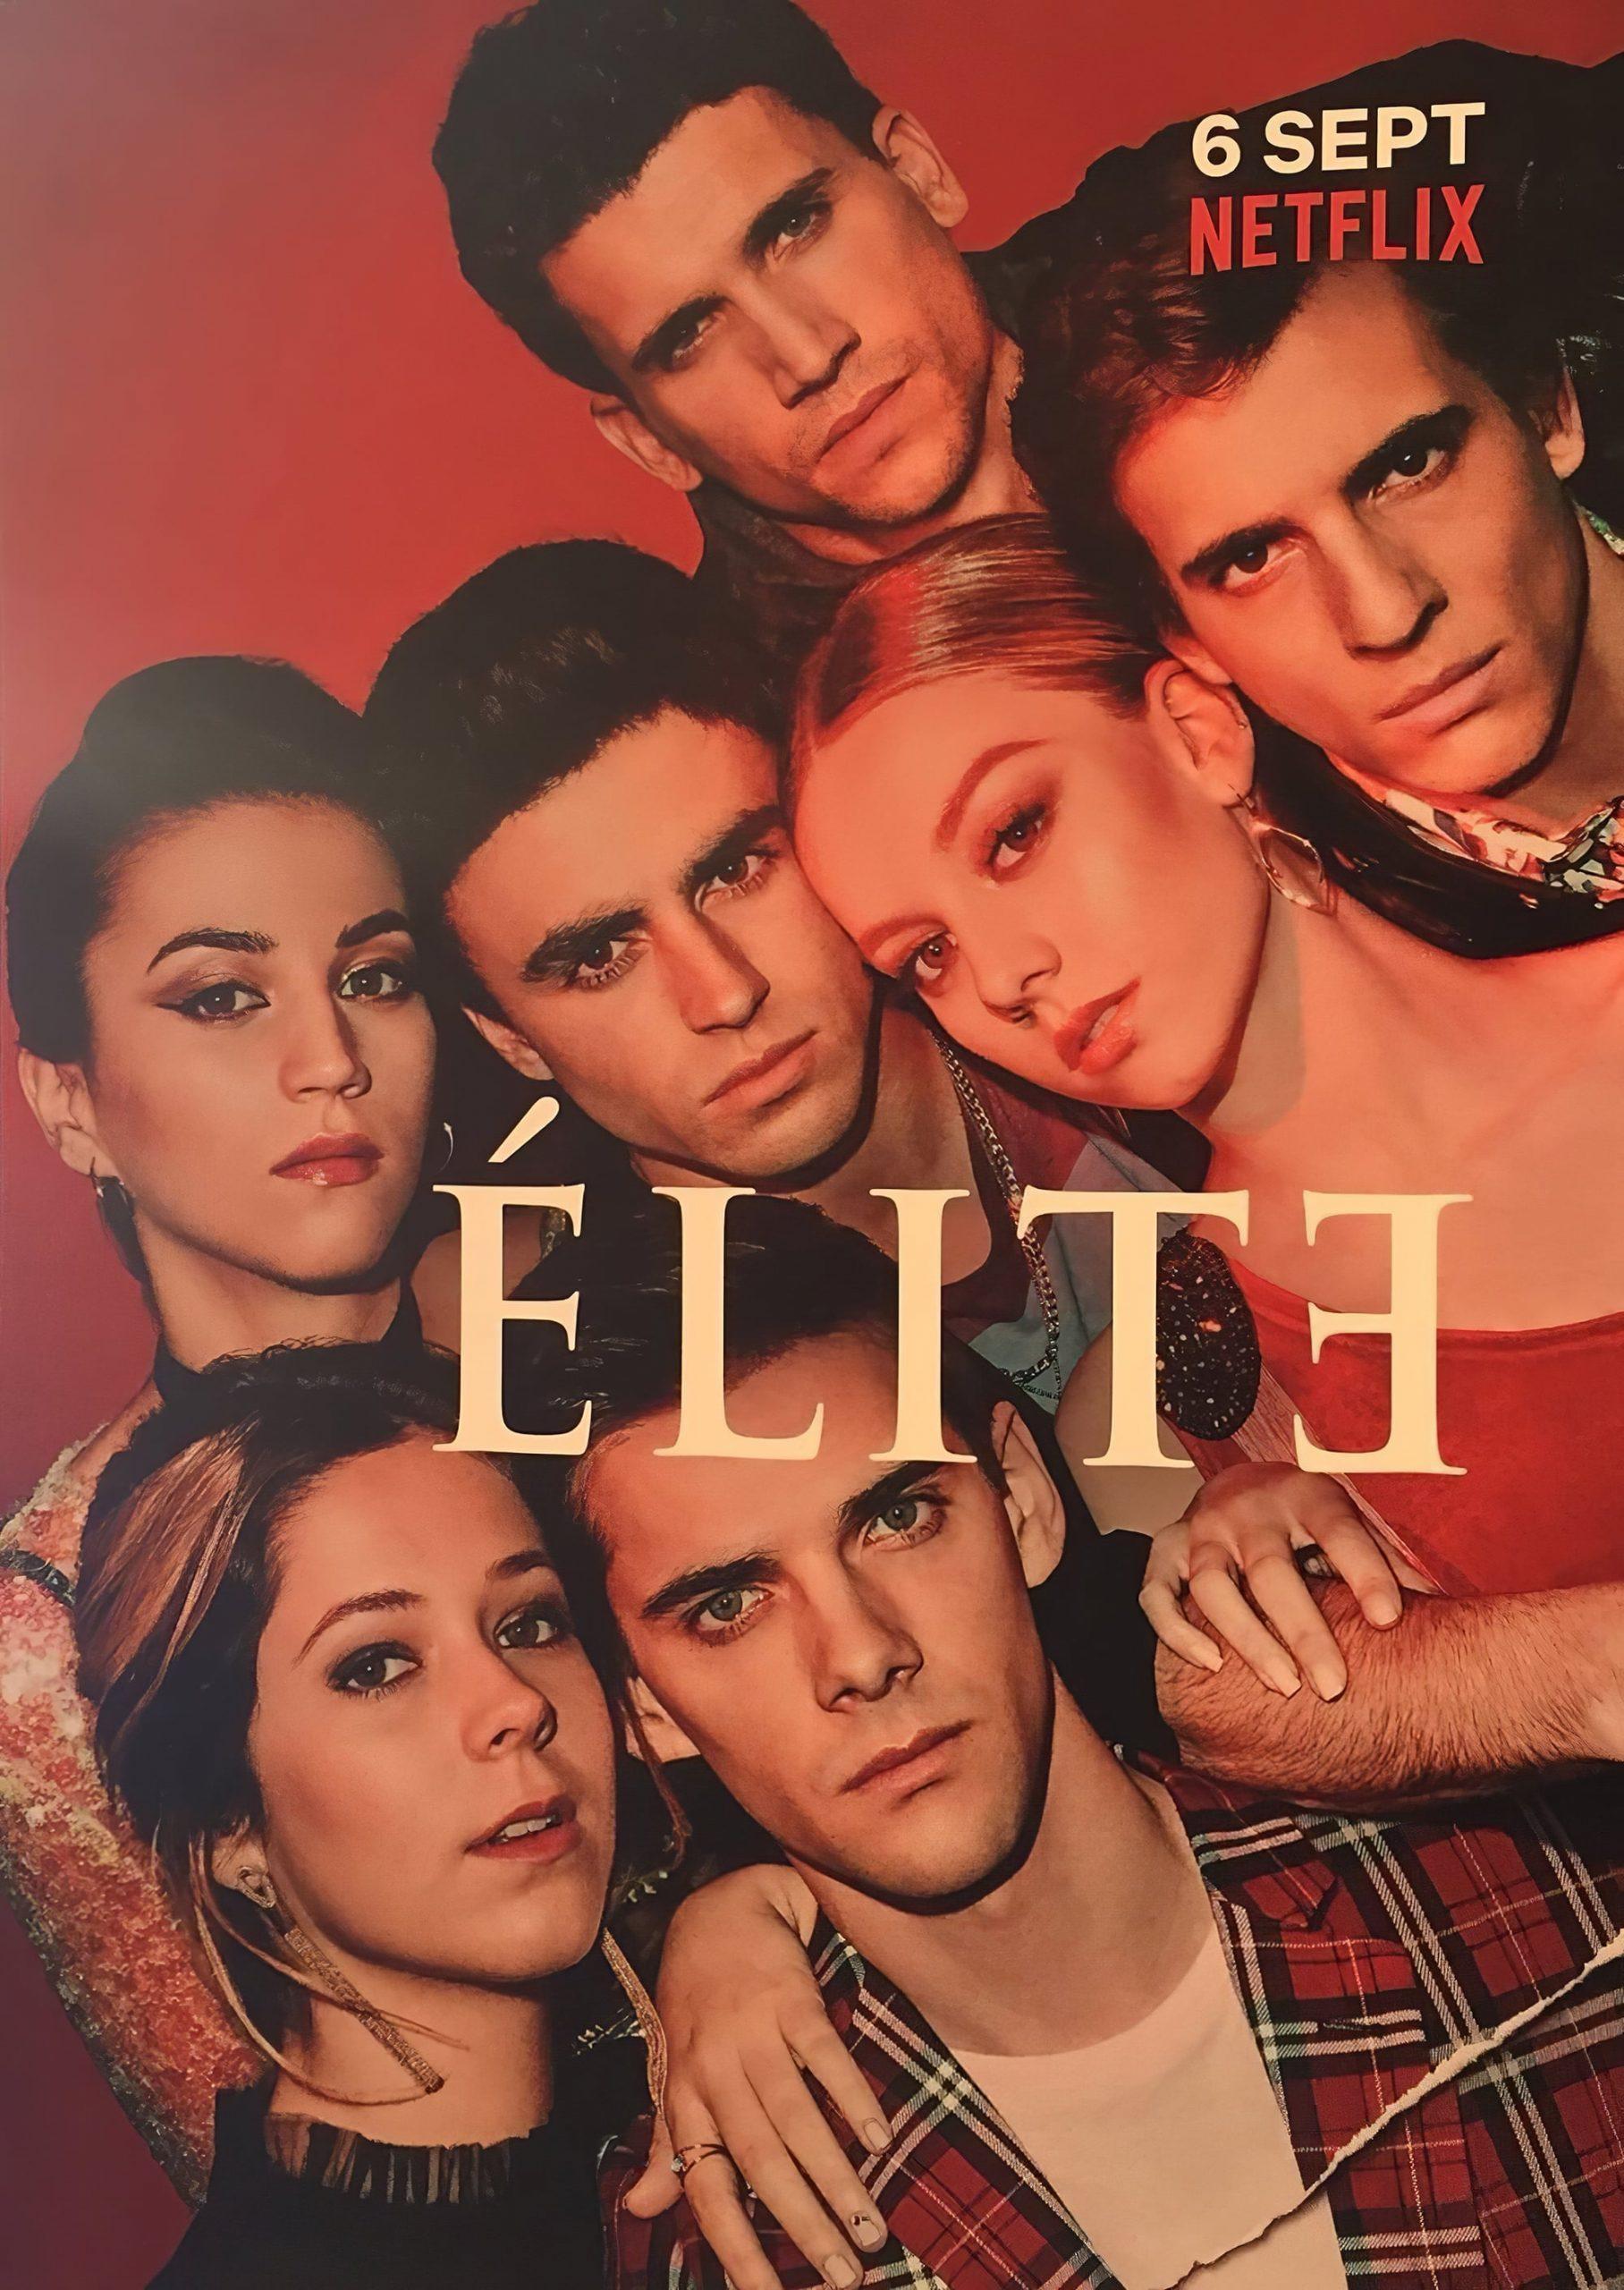 Elite เล่ห์ร้ายเกมไฮโซ Season 2 ซับไทย ตอนที่ 1-8